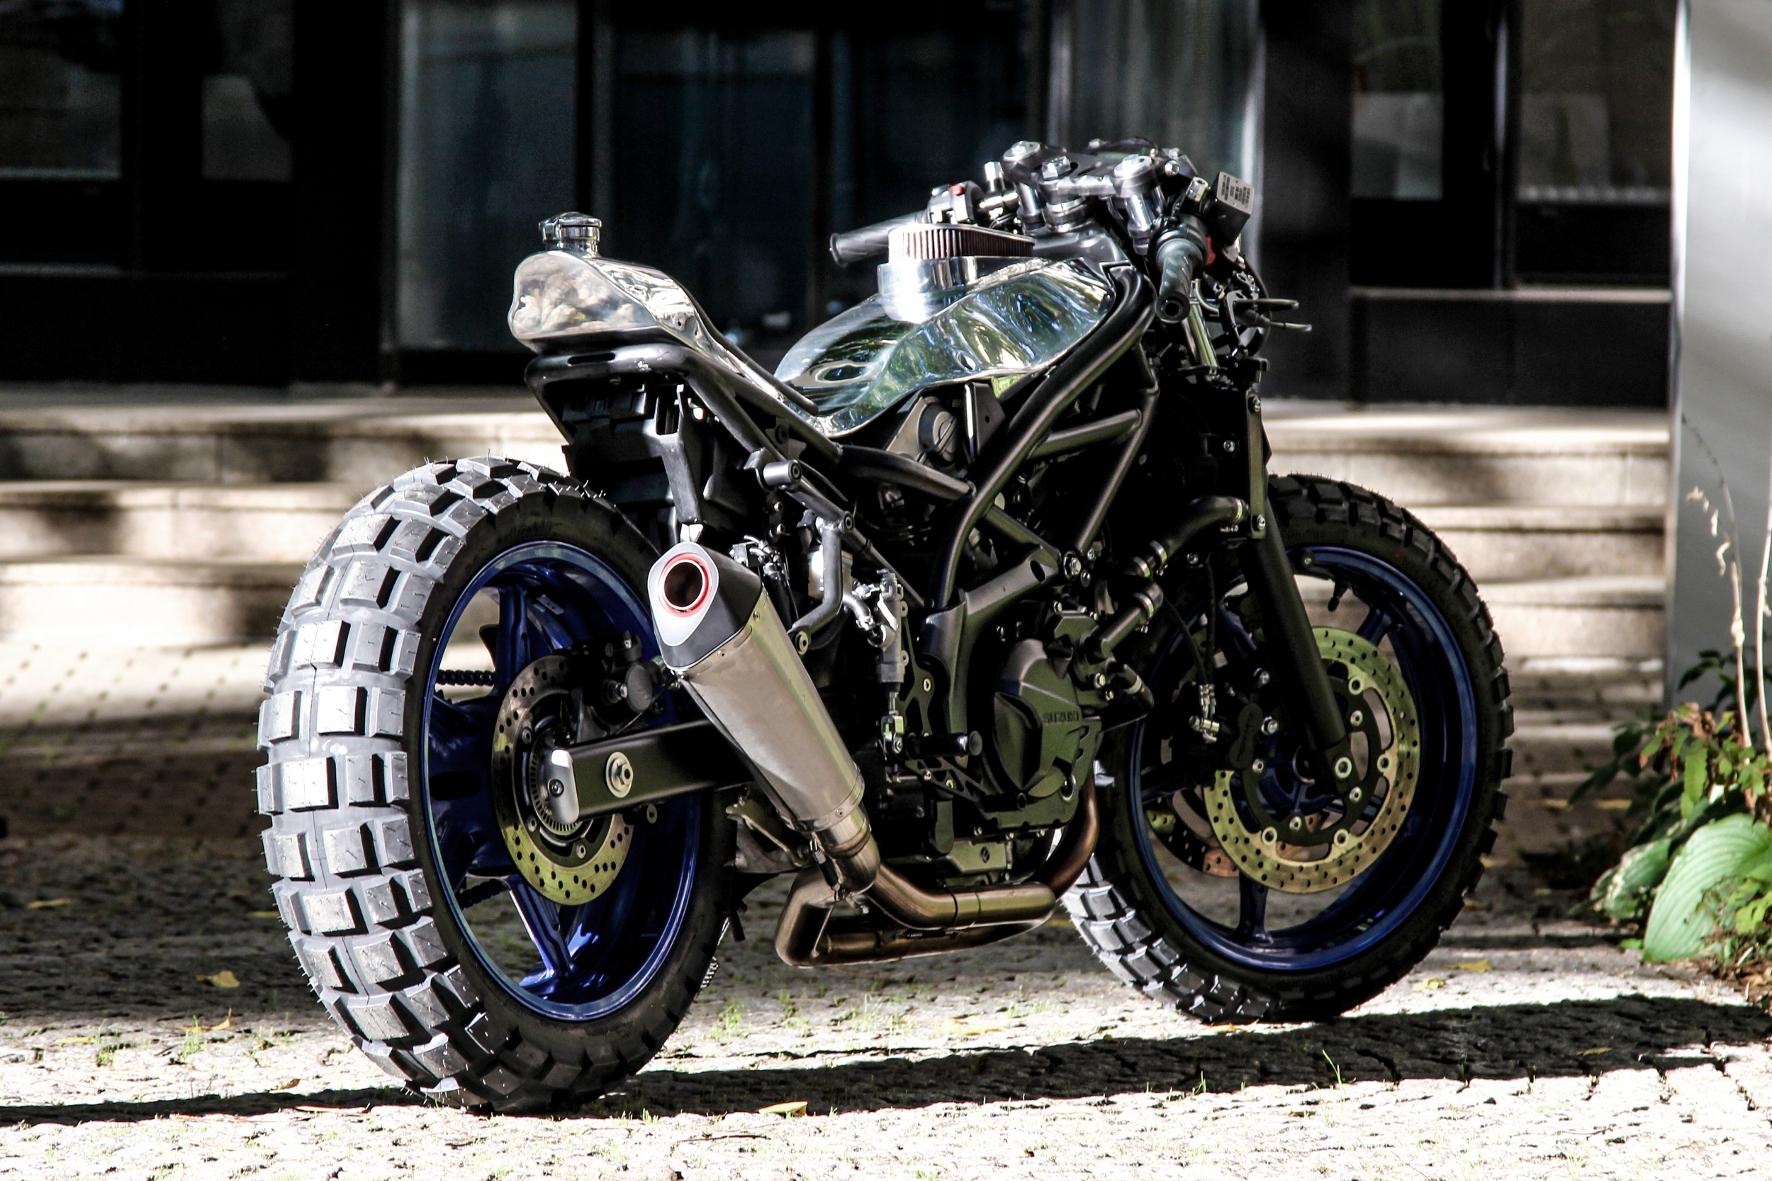 """mid Groß-Gerau - Bei der SV650 geht es Suzuki um die Essenz des Motorrades: zwei Zylinder, zwei Reifen, maximal 1200 ccm Hubraum. Name der Maschine: """"Little Bastard""""."""